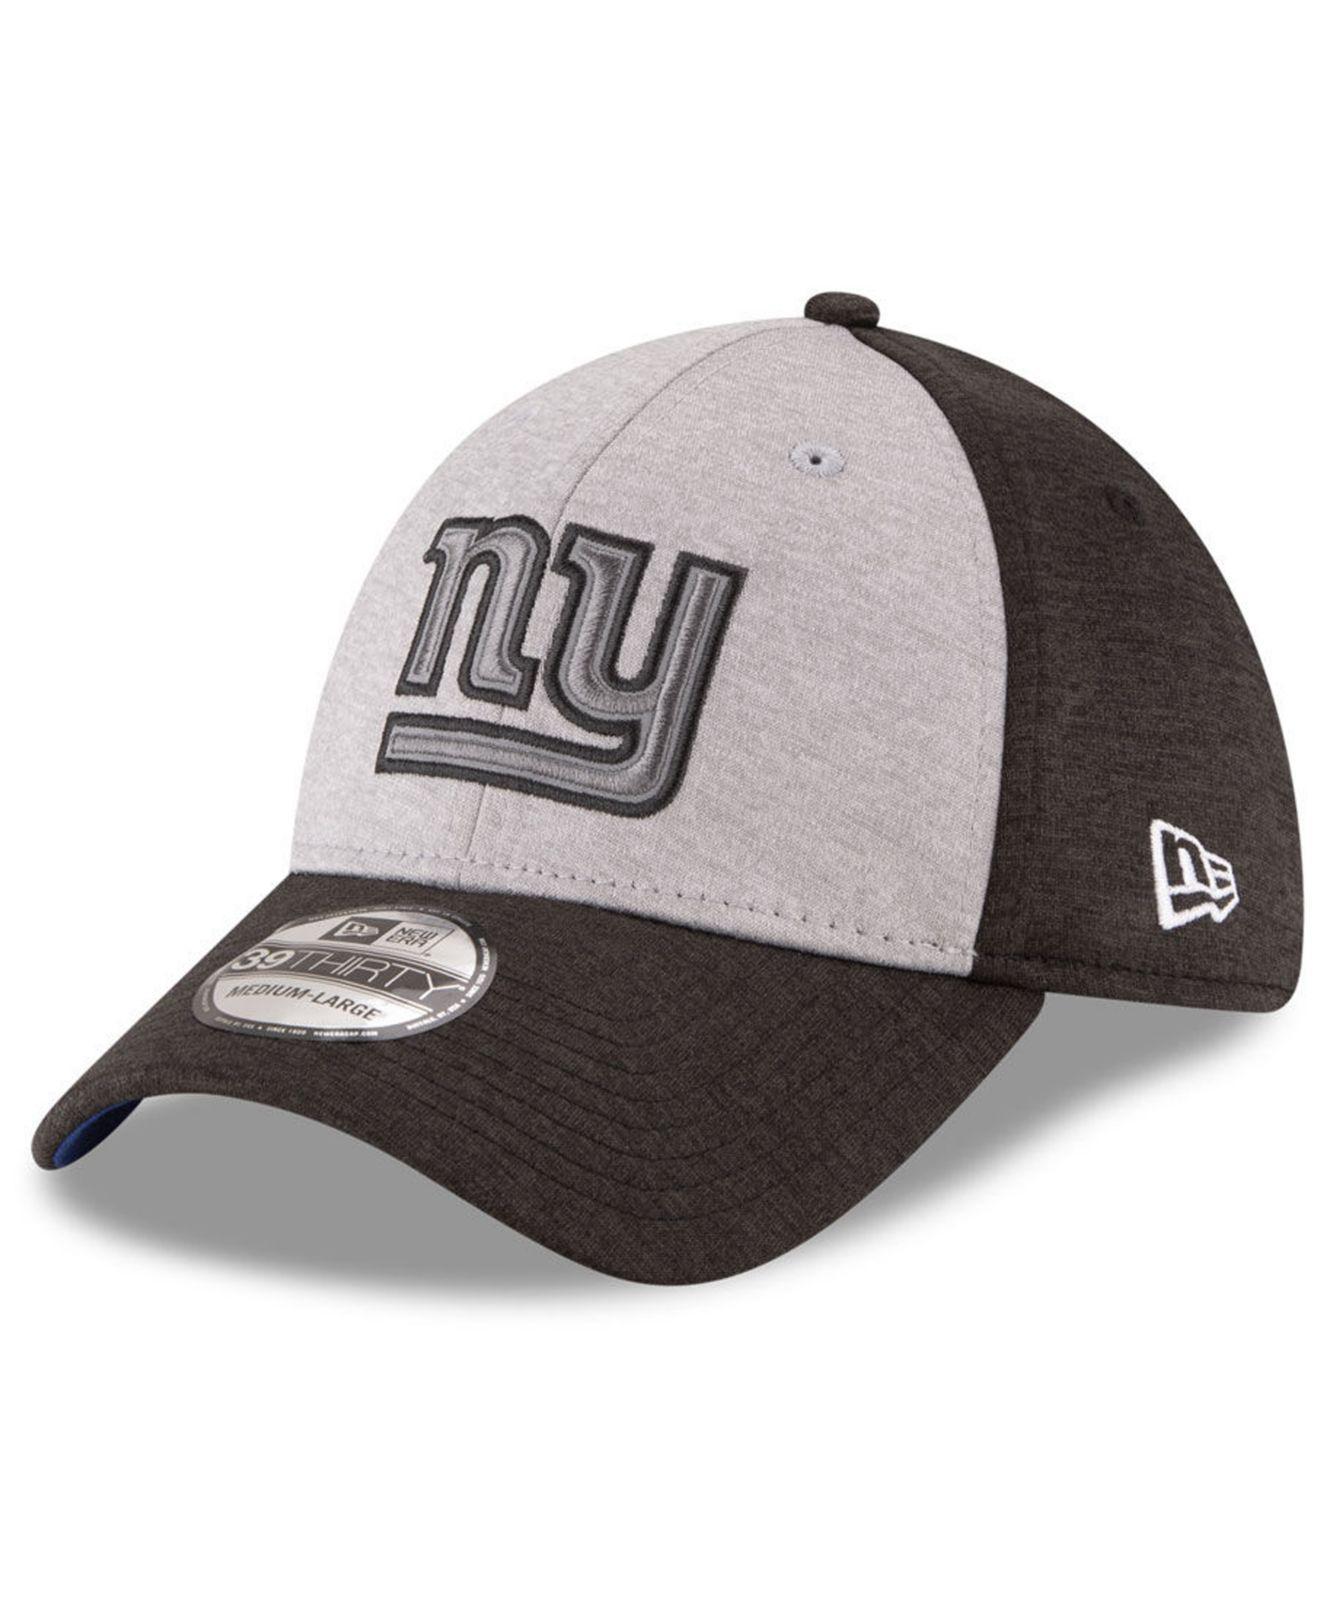 0a9edcf8960 Lyst - Ktz New York Giants Ref Logo 39thirty Cap in Gray for Men